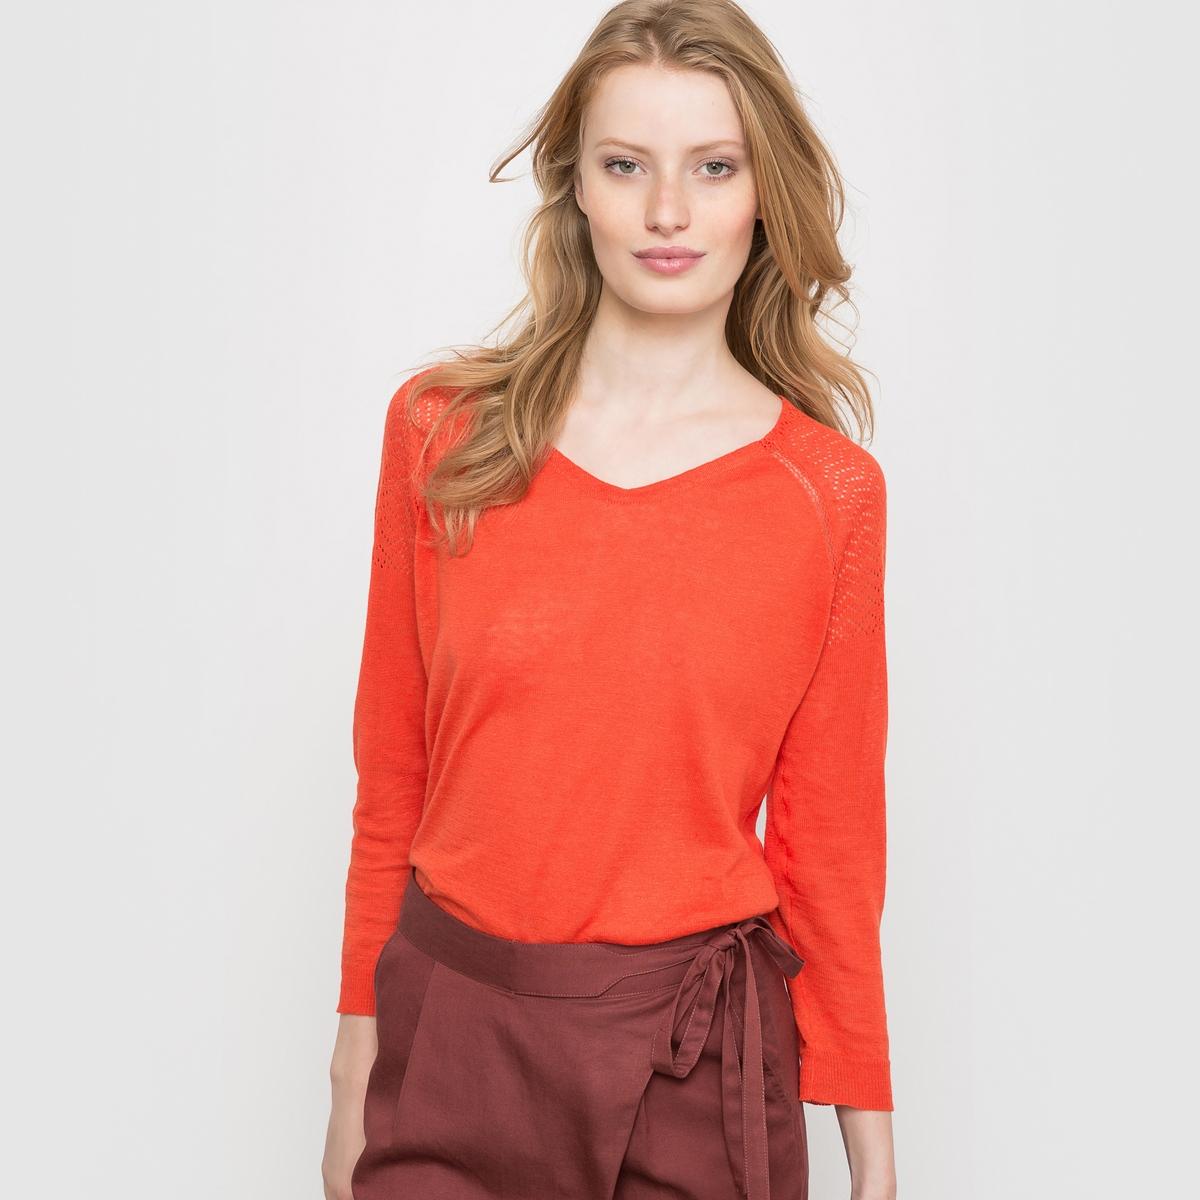 Купить со скидкой Пуловер с V-образным вырезом из льна и вискозы